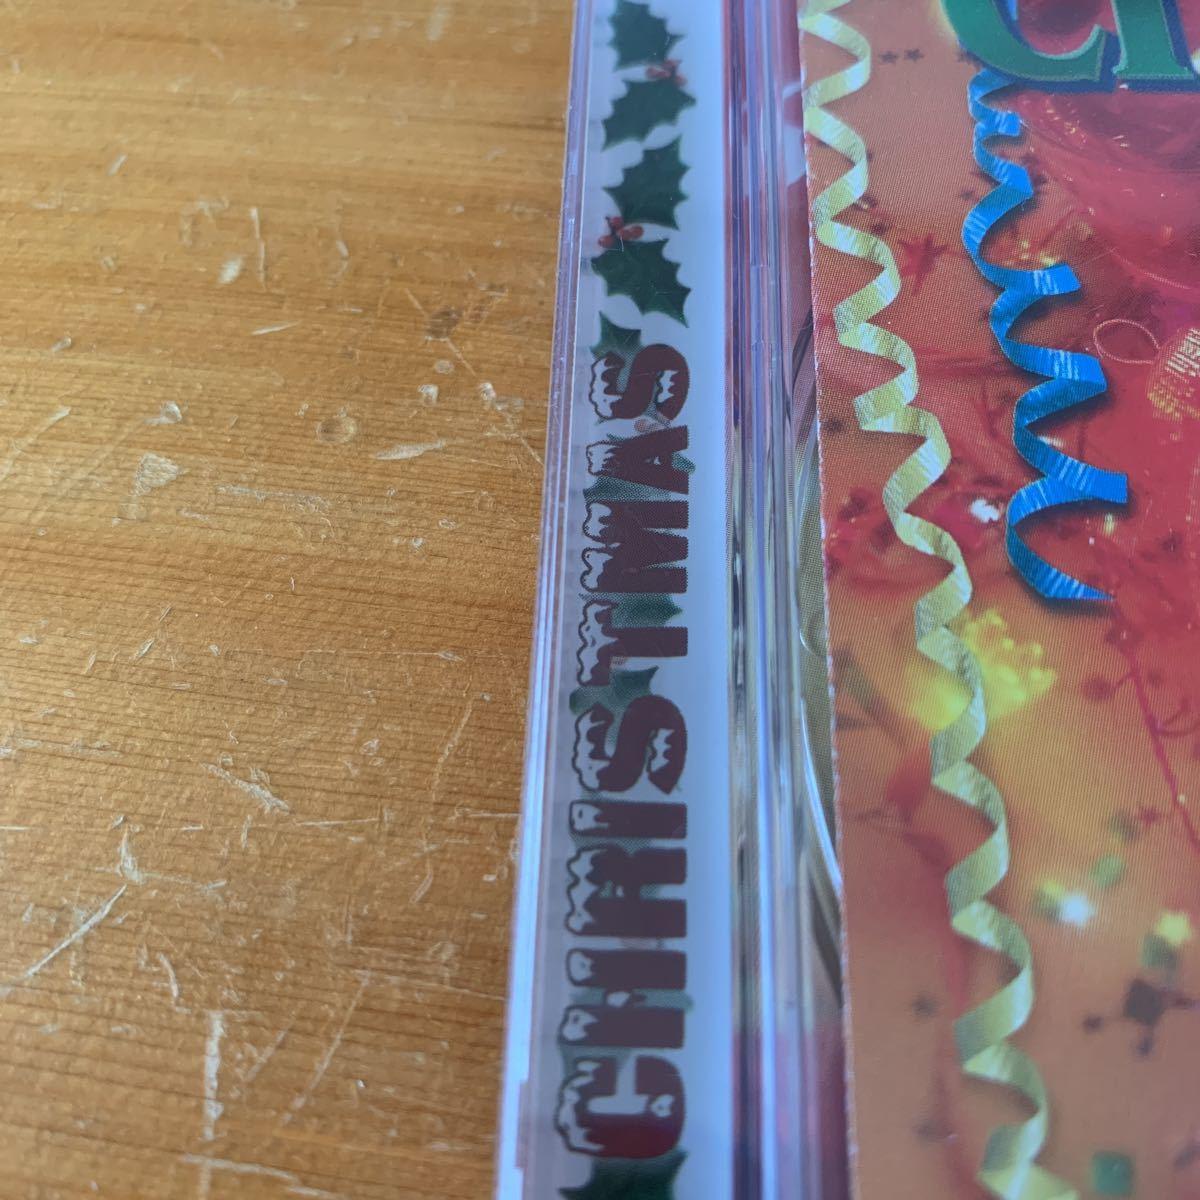 CD アルバム CHRISTMAS PARTY MEGAMIX クリスマスナンバー メガミックス 1998年 UK盤CD 新品 未開封 CDケース面割れあり 送料送無